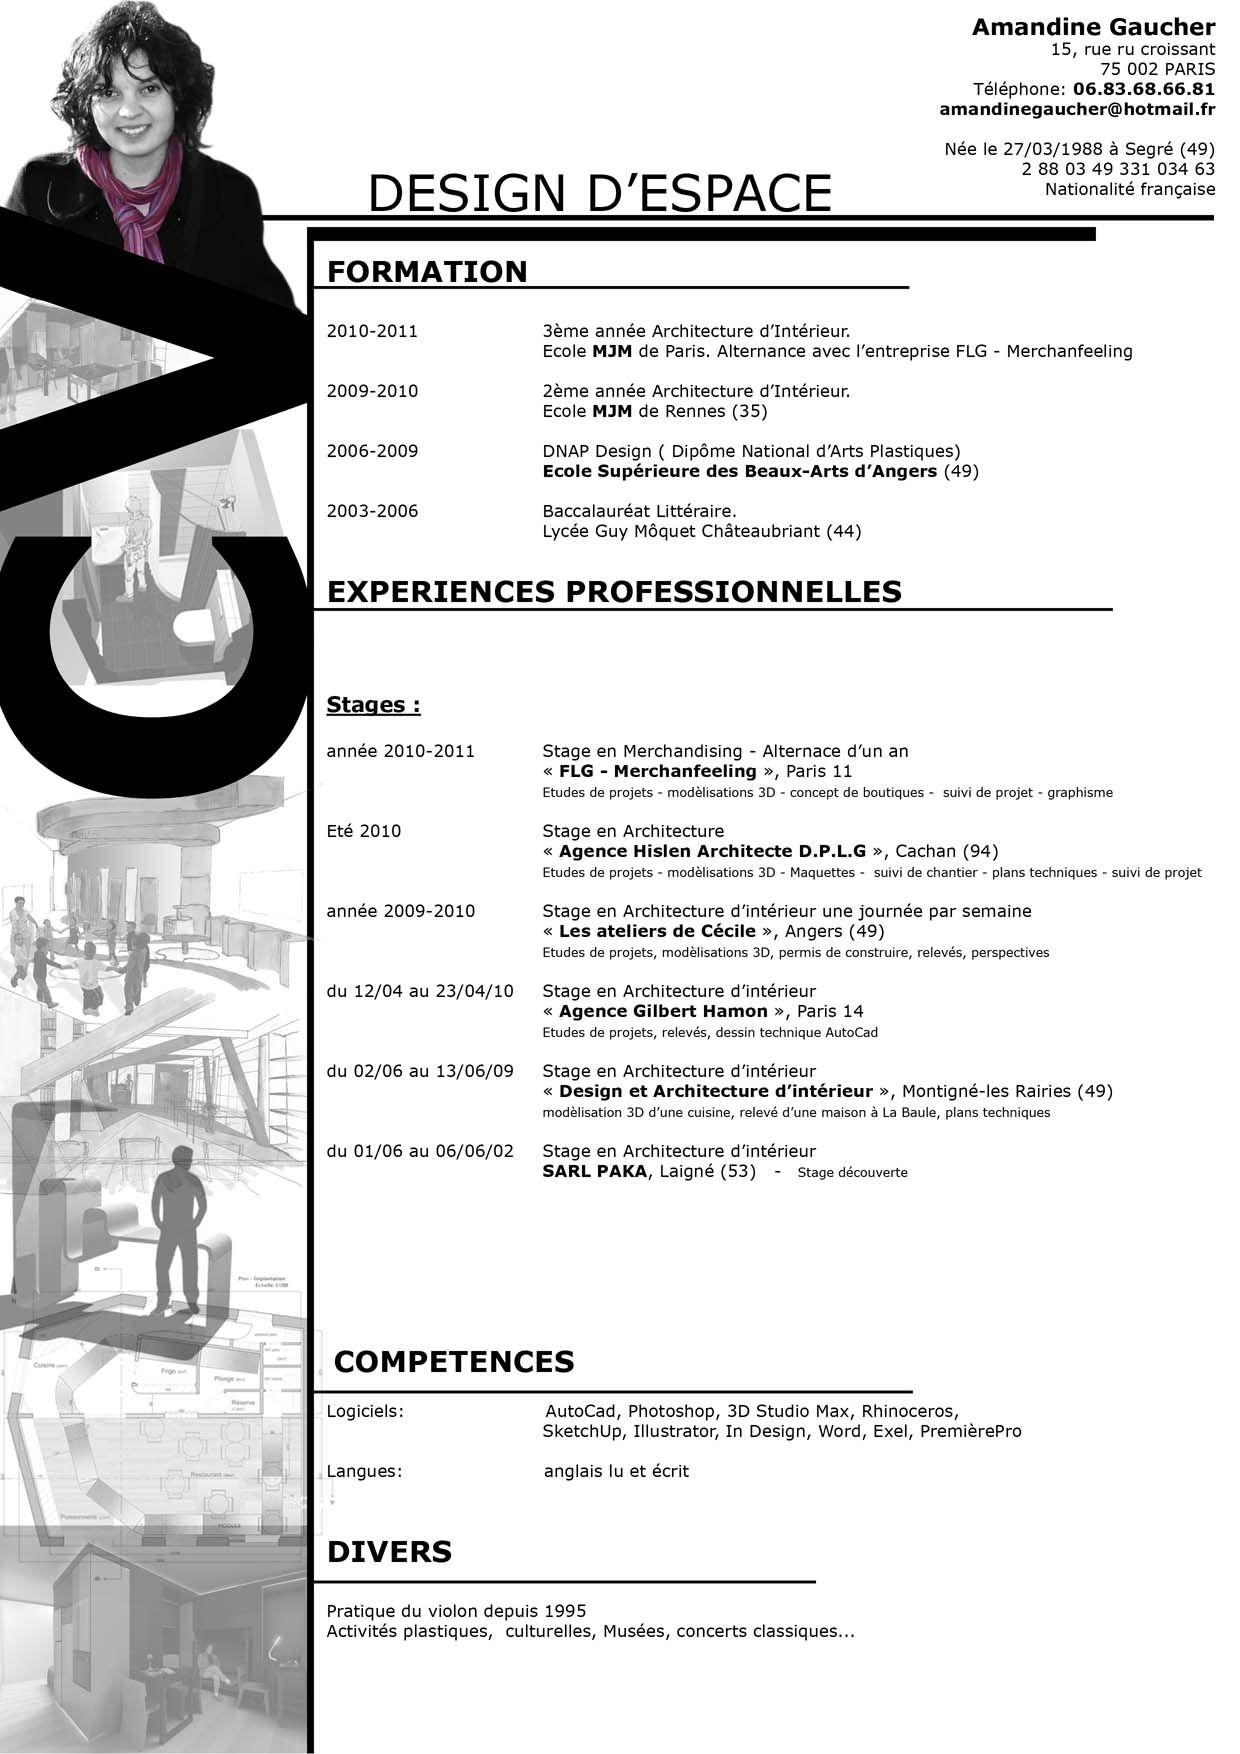 Curriculum Vitae Sample Architect